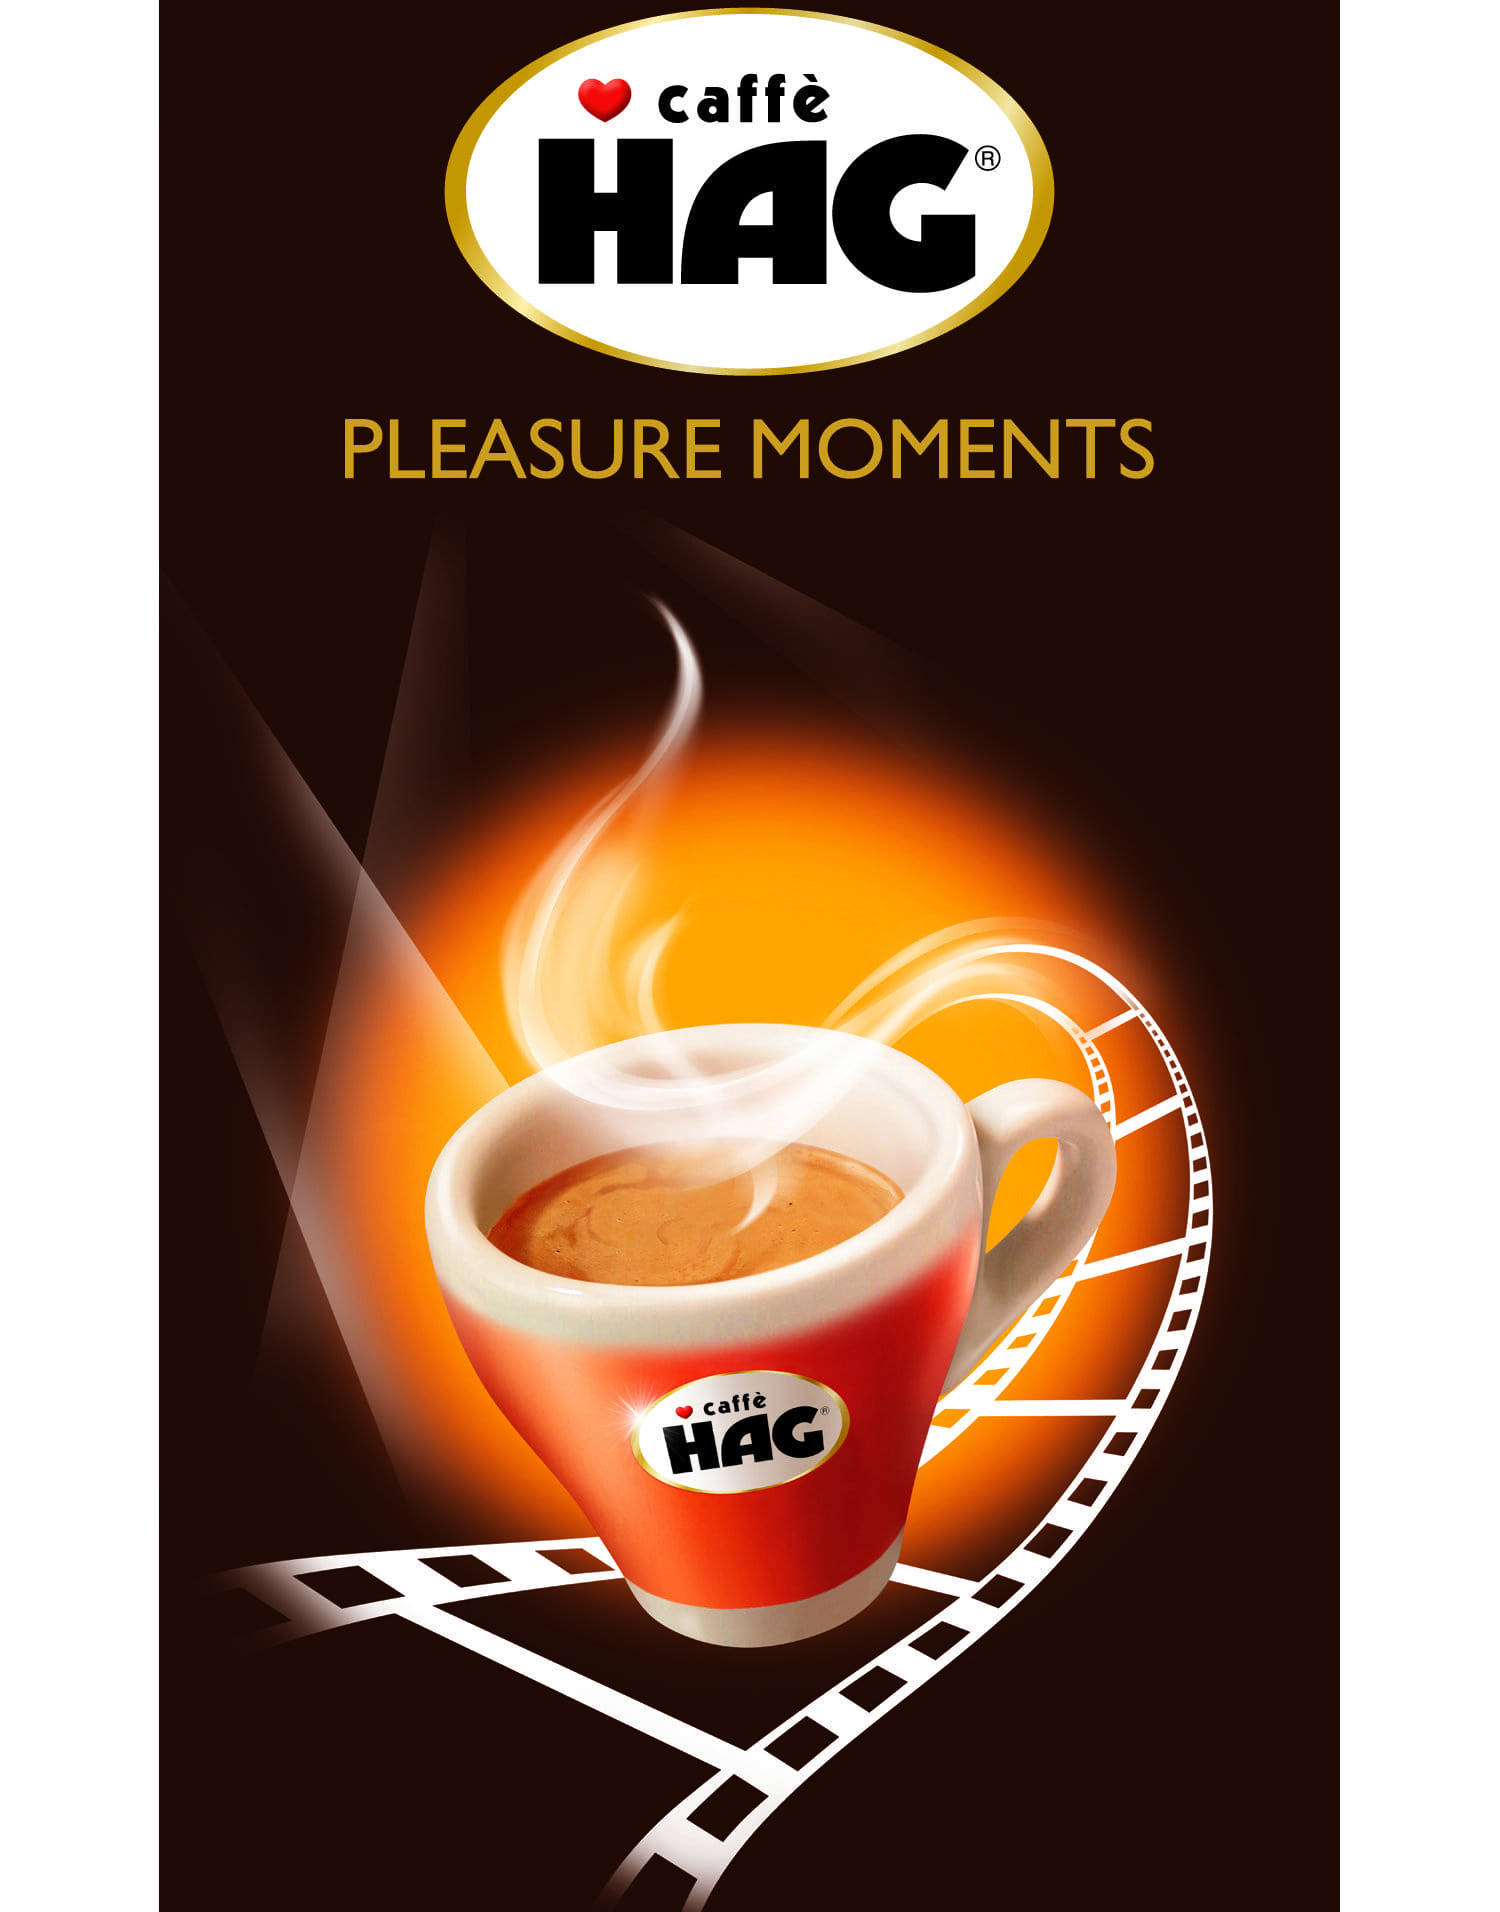 Premio Hag Pleasure Moments: Quando il cinema incontra la musica